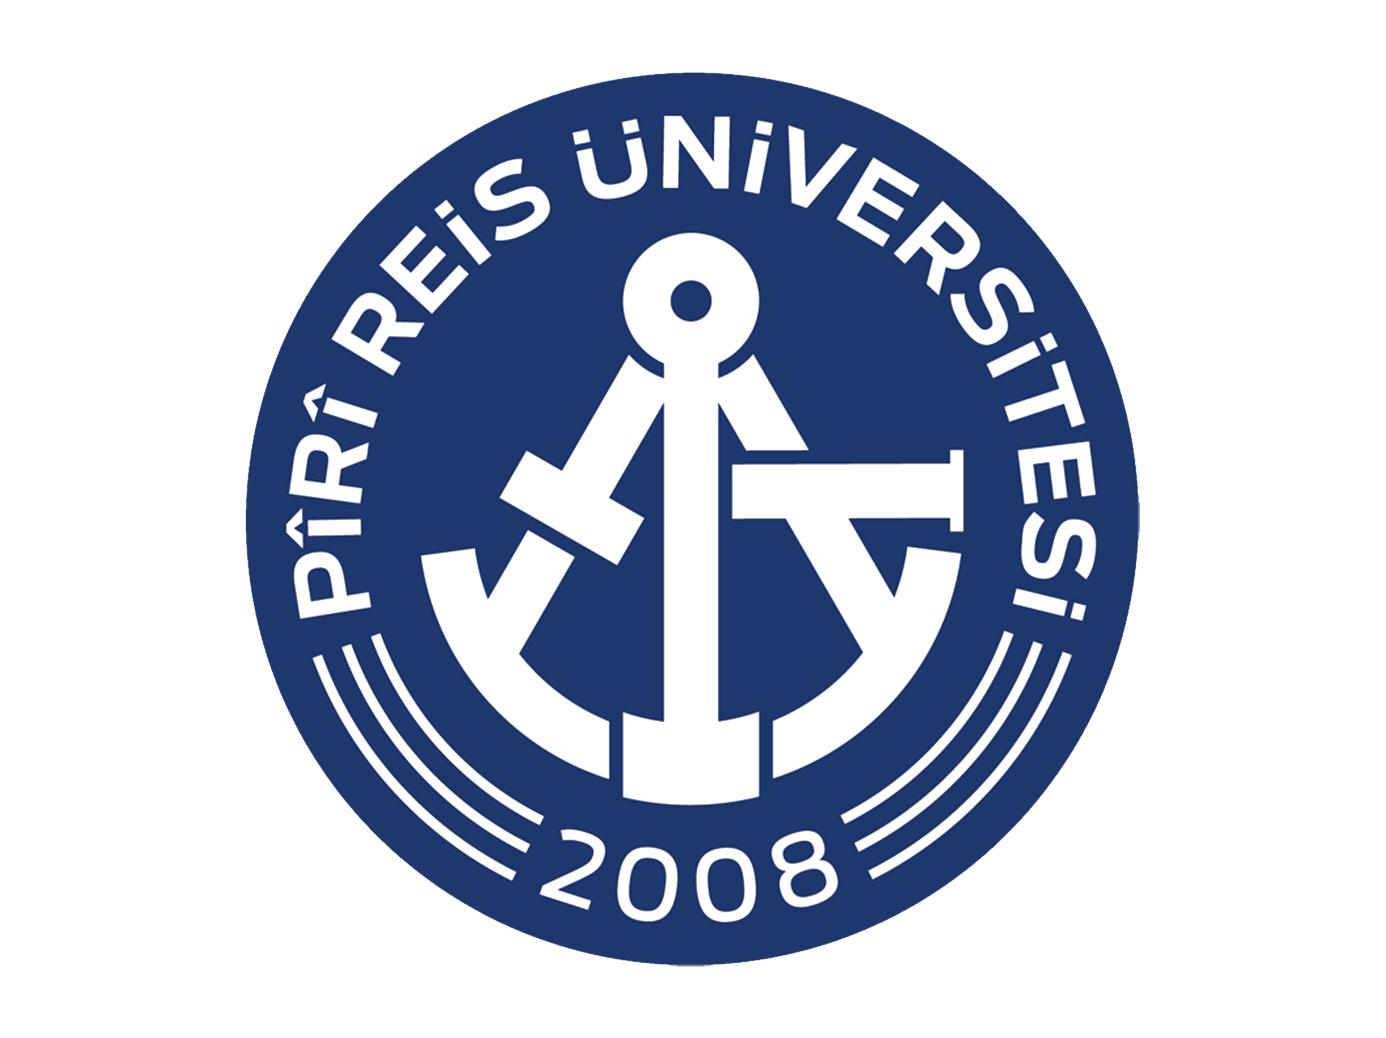 TUAS | PIRI REIS UNIVERSITY